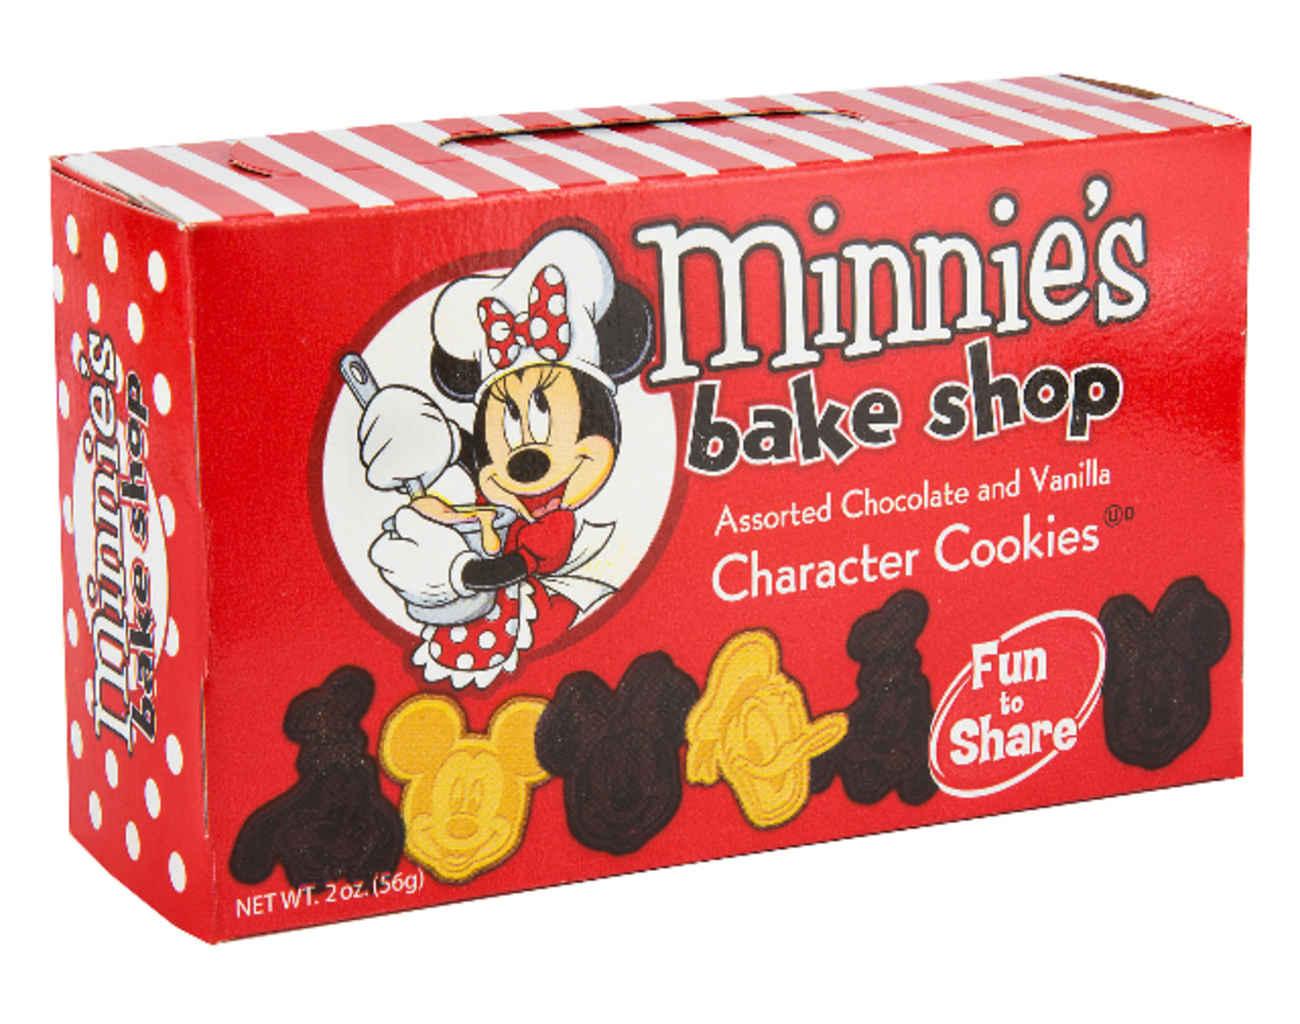 Minnies bake shop